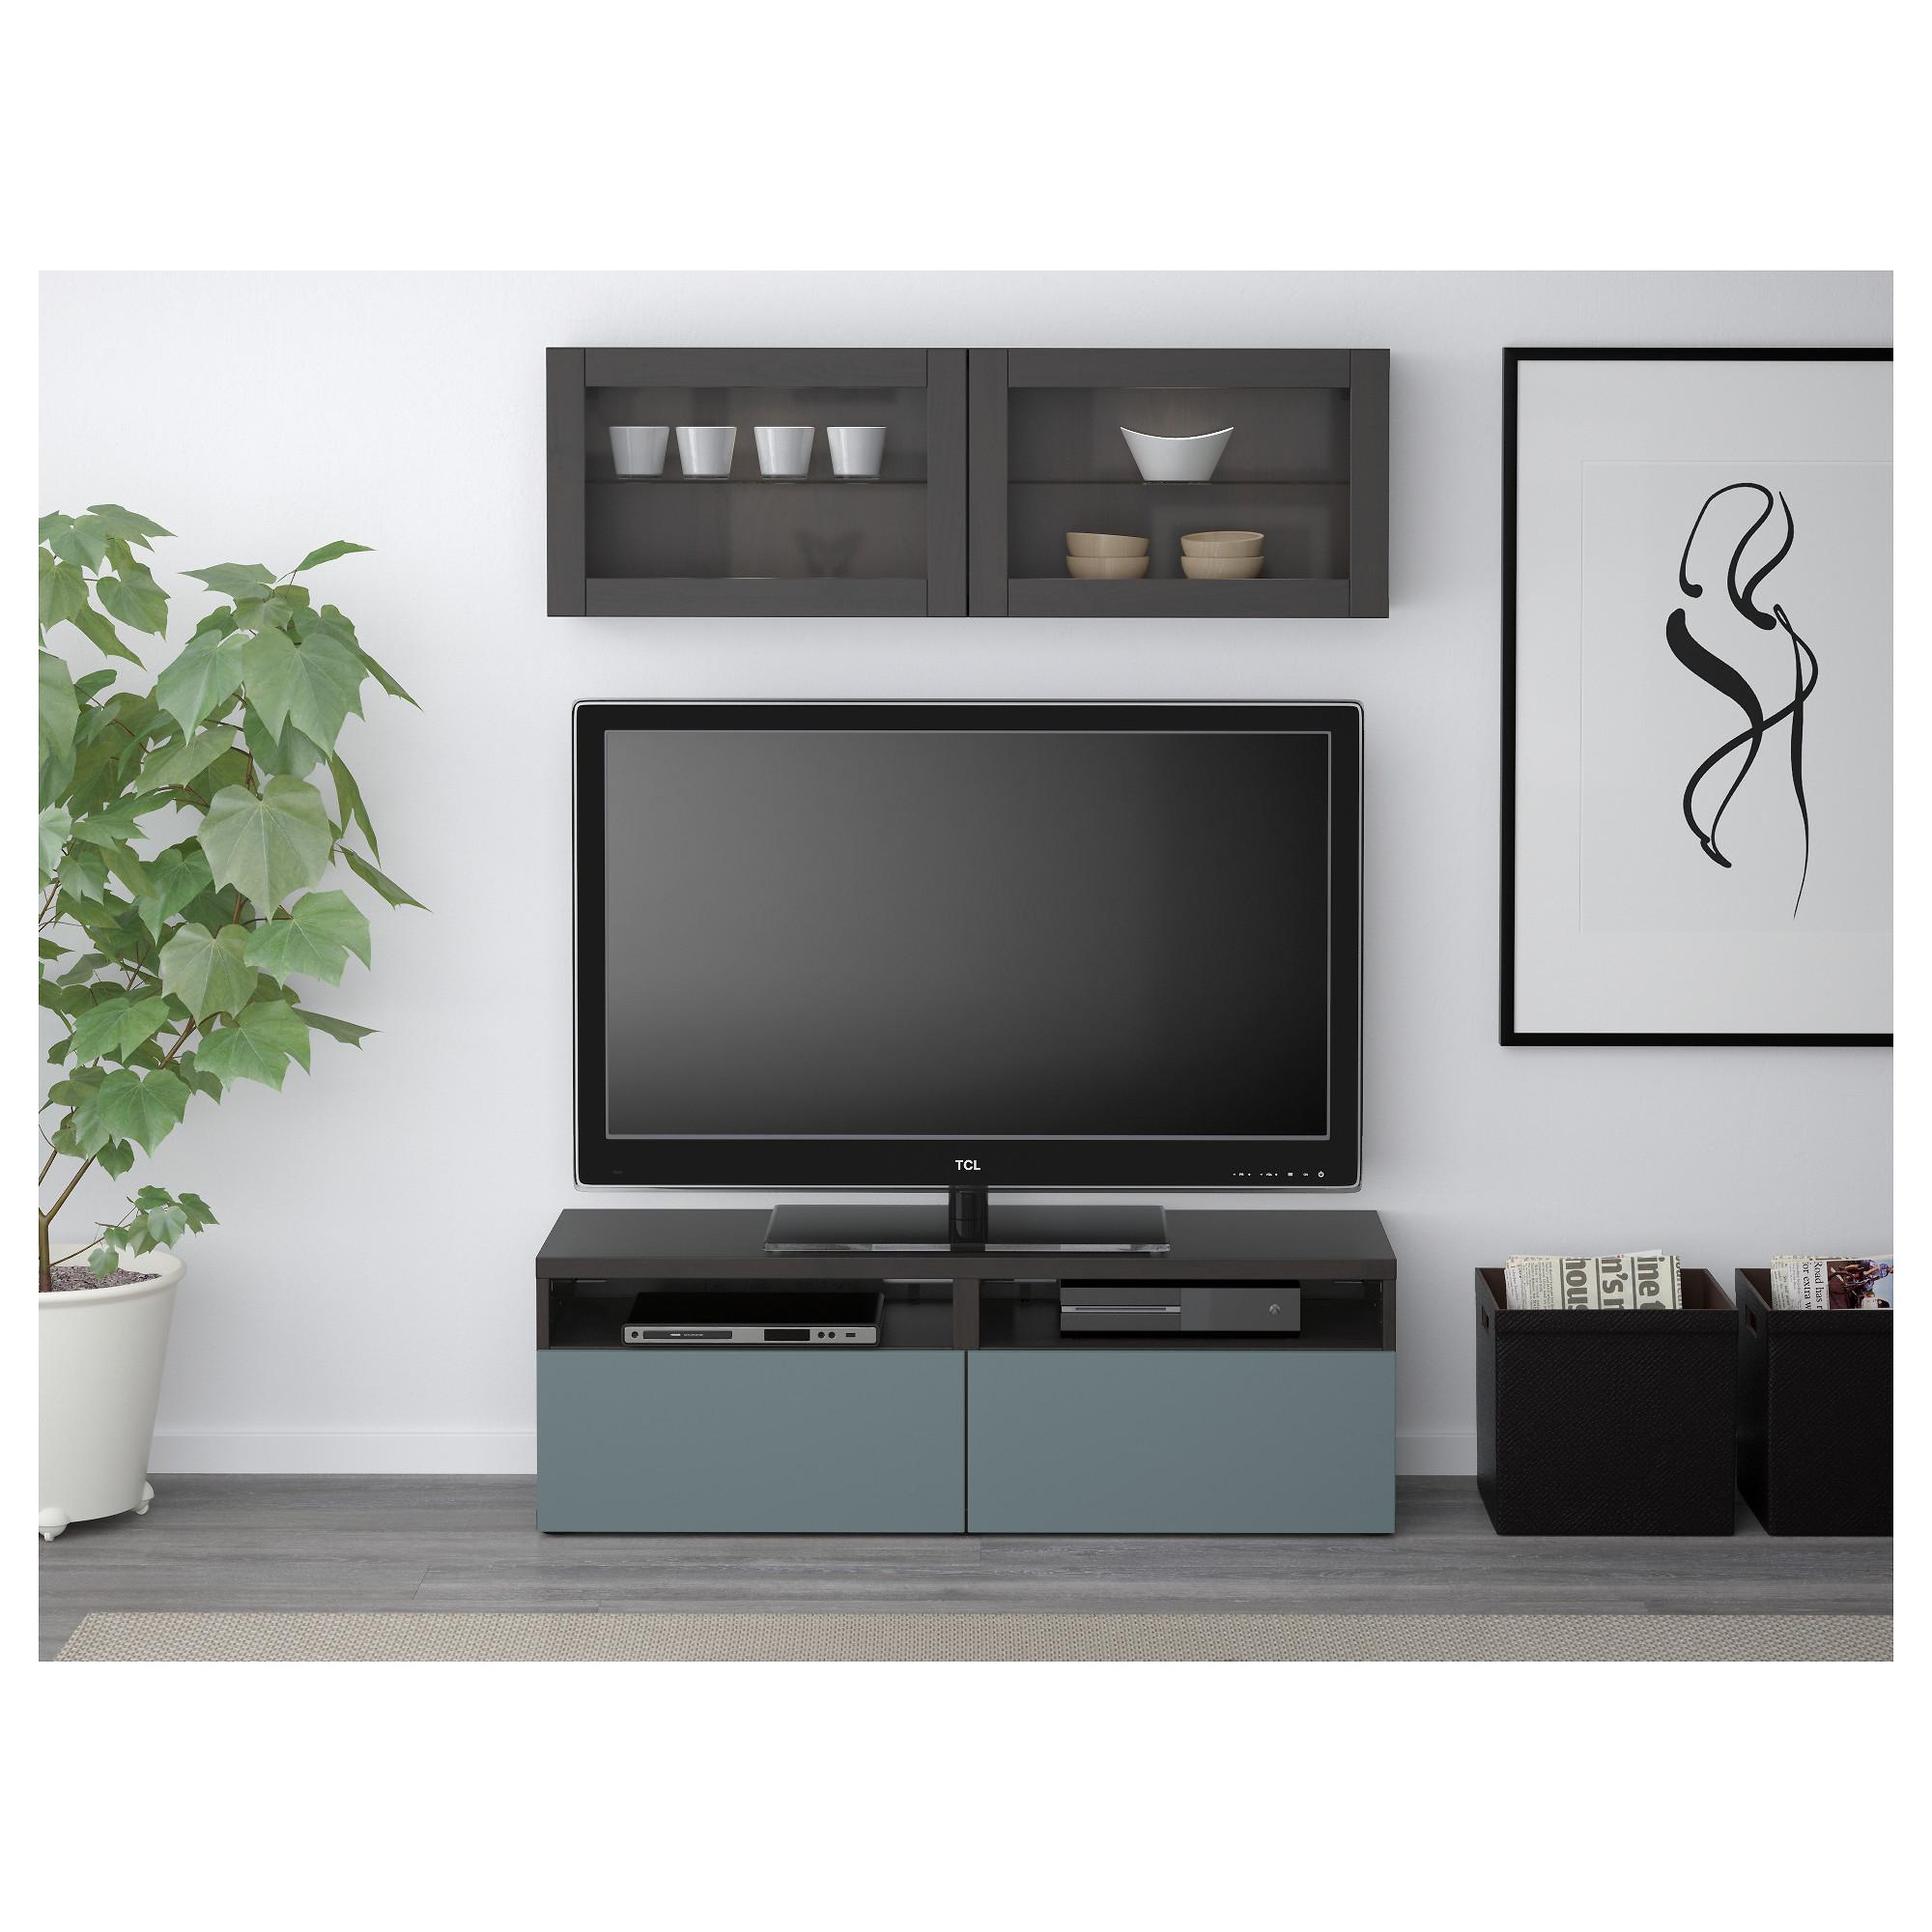 Шкаф для ТВ, комбинированный, стекляные дверцы БЕСТО артикуль № 792.504.92 в наличии. Online каталог IKEA РБ. Недорогая доставка и установка.